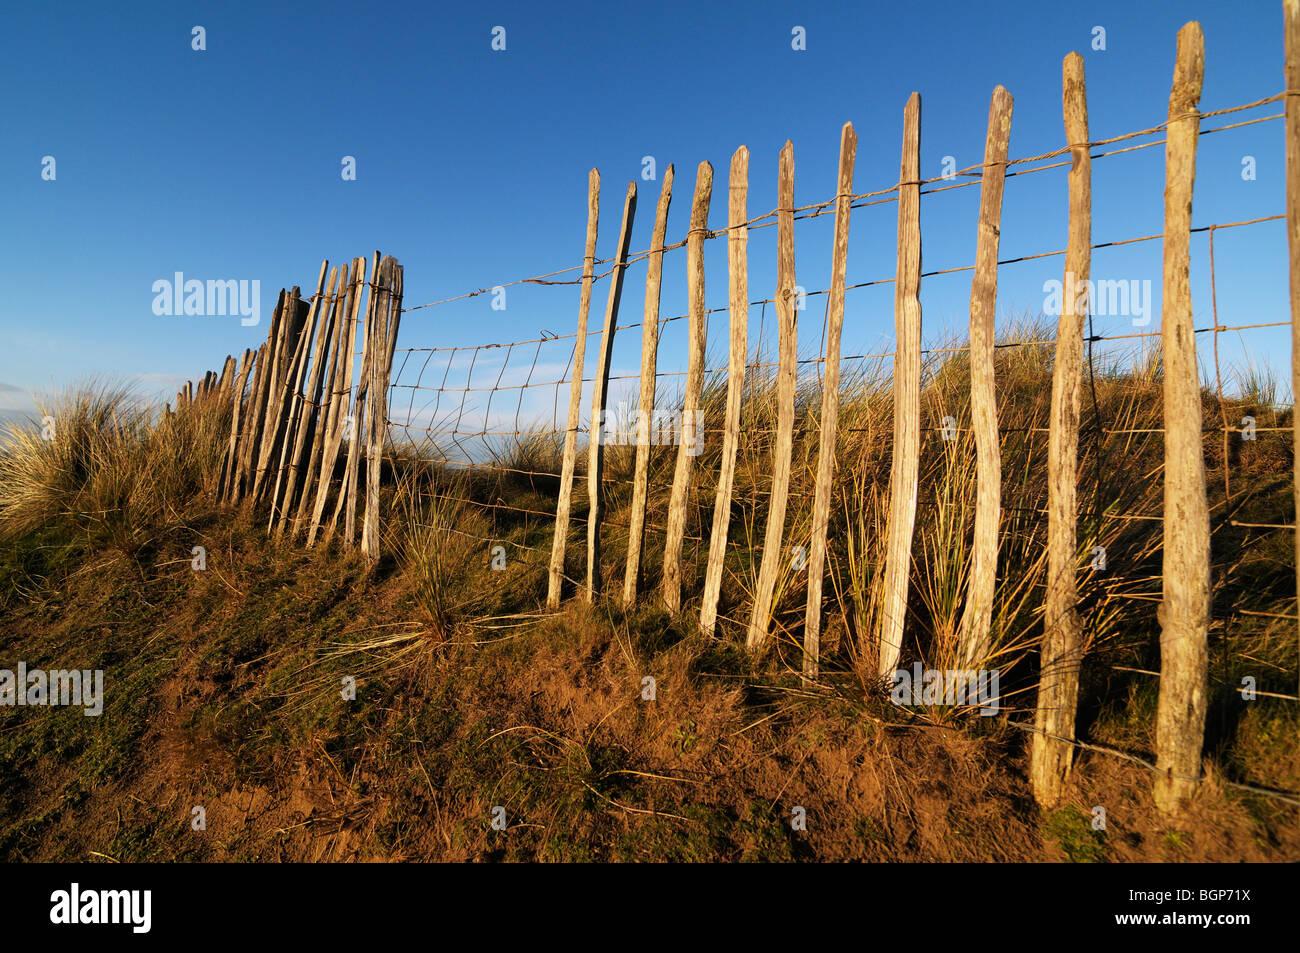 Traditionelle gespaltener Kastanie Zaun vor blauem Himmel Stockbild